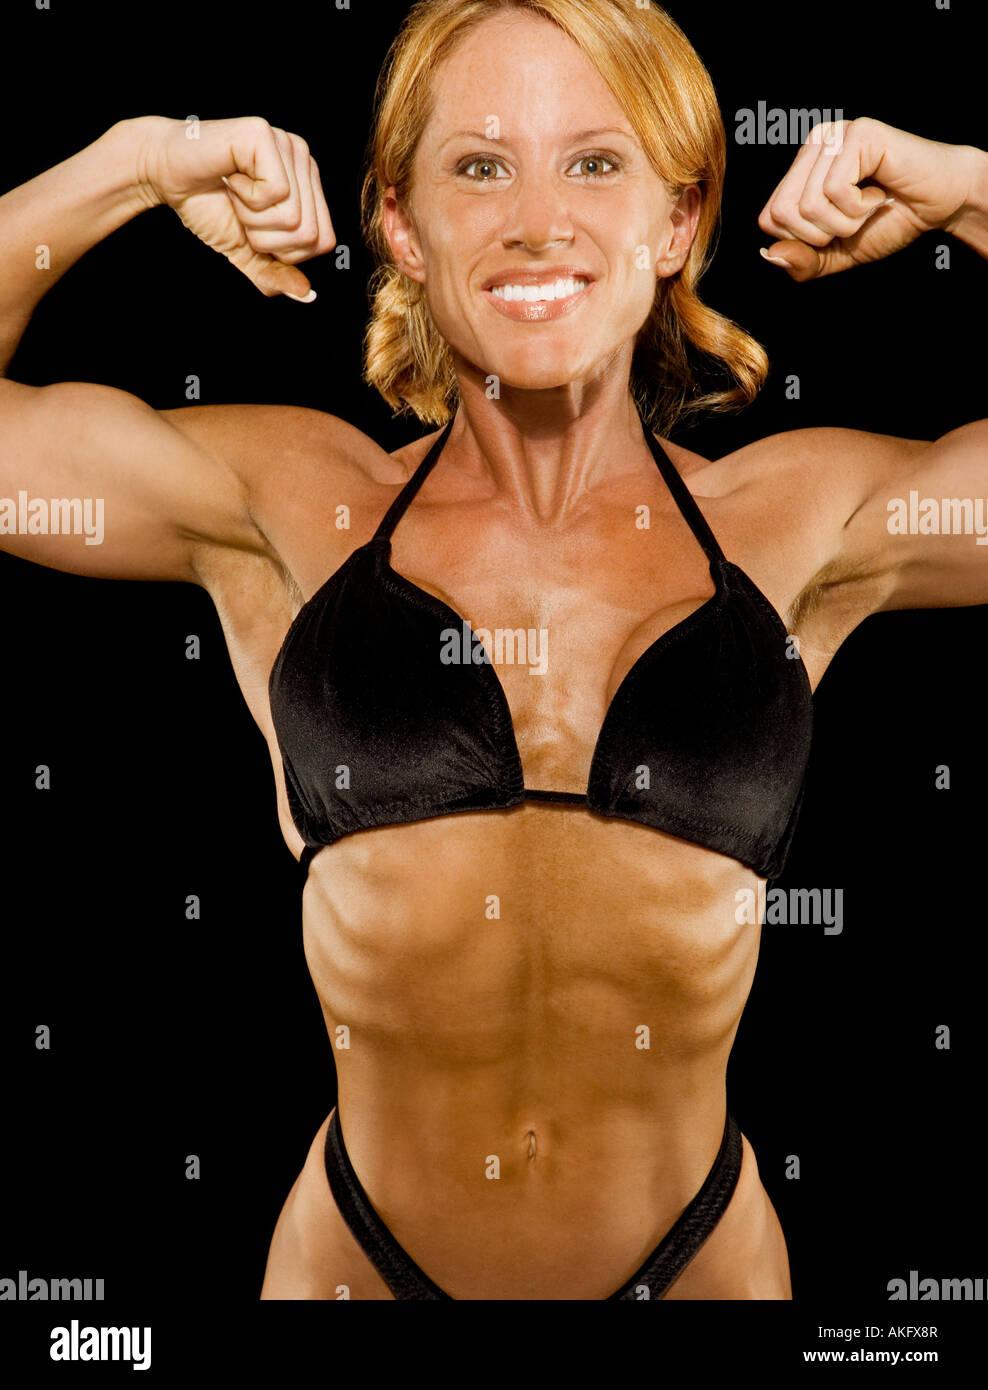 rencontres femme bodybuilder meilleures lignes d'ouverture pour les applications de datation